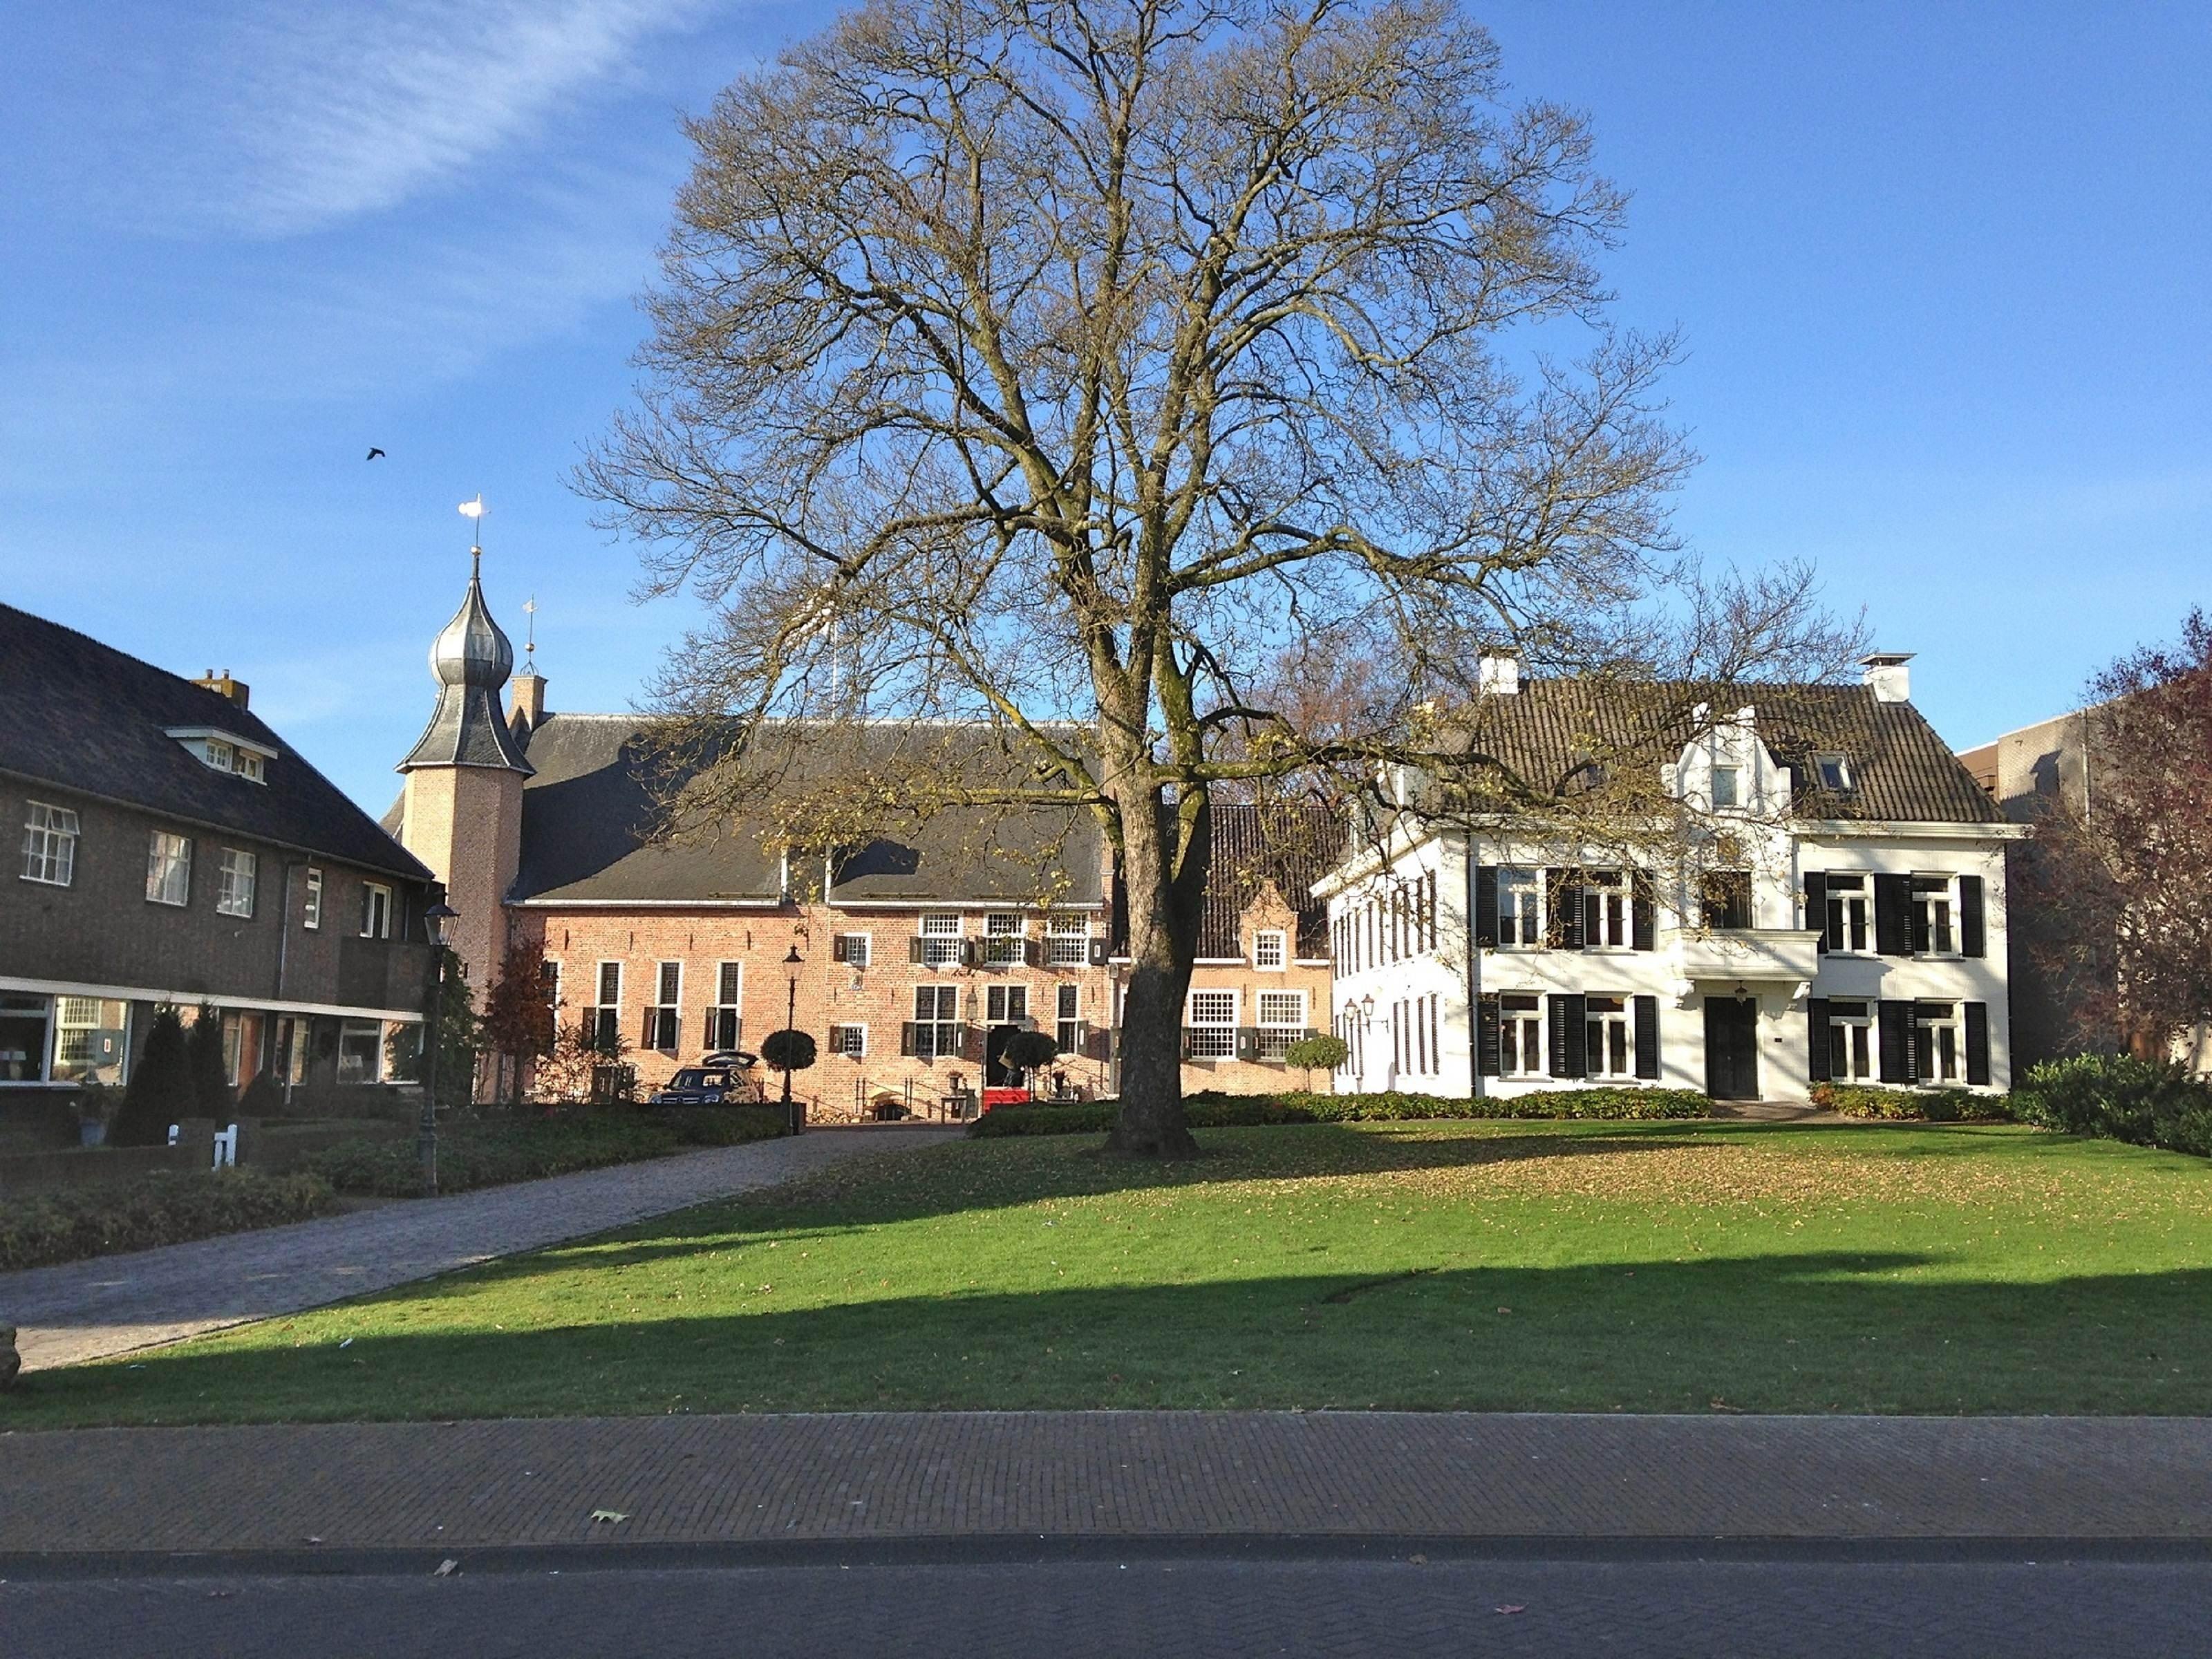 Dagaanbieding - 2 dagen in een oud graanpakhuis op 50 m. van H Design Hotel Kasteel Coevorden incl. ontbijt dagelijkse koopjes